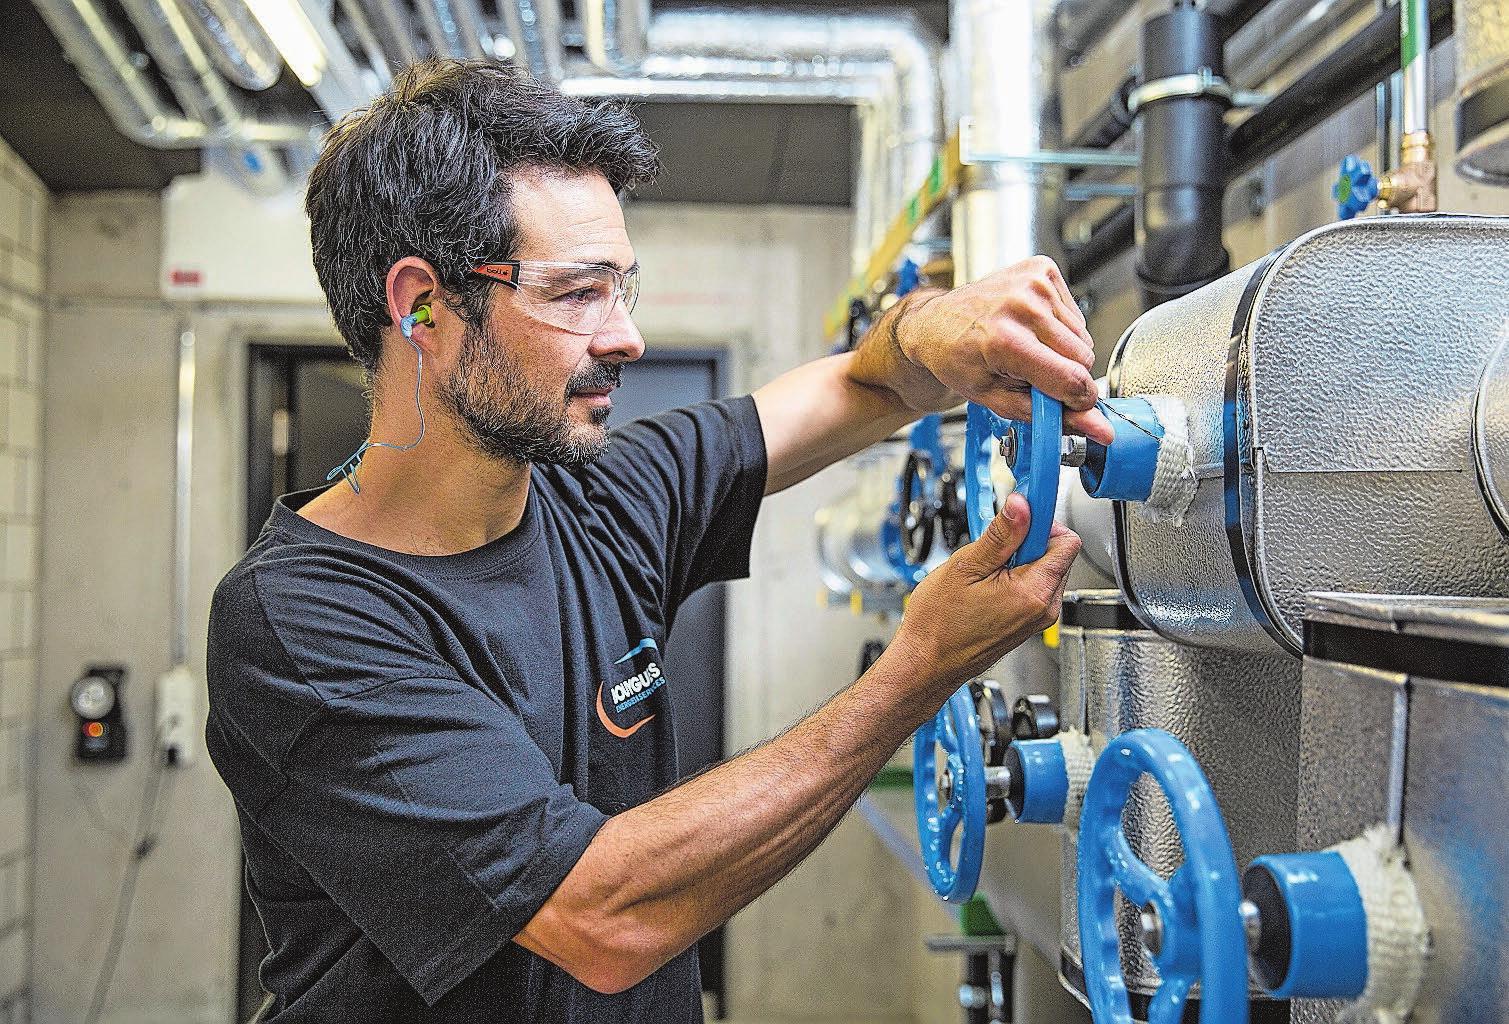 Rund 150 Mitarbeitende aus allen Bereichen der Gebäudetechnik arbeiten bei Bouygues Energies & Services InTec Schweiz AG in Olten. Bild: zvg